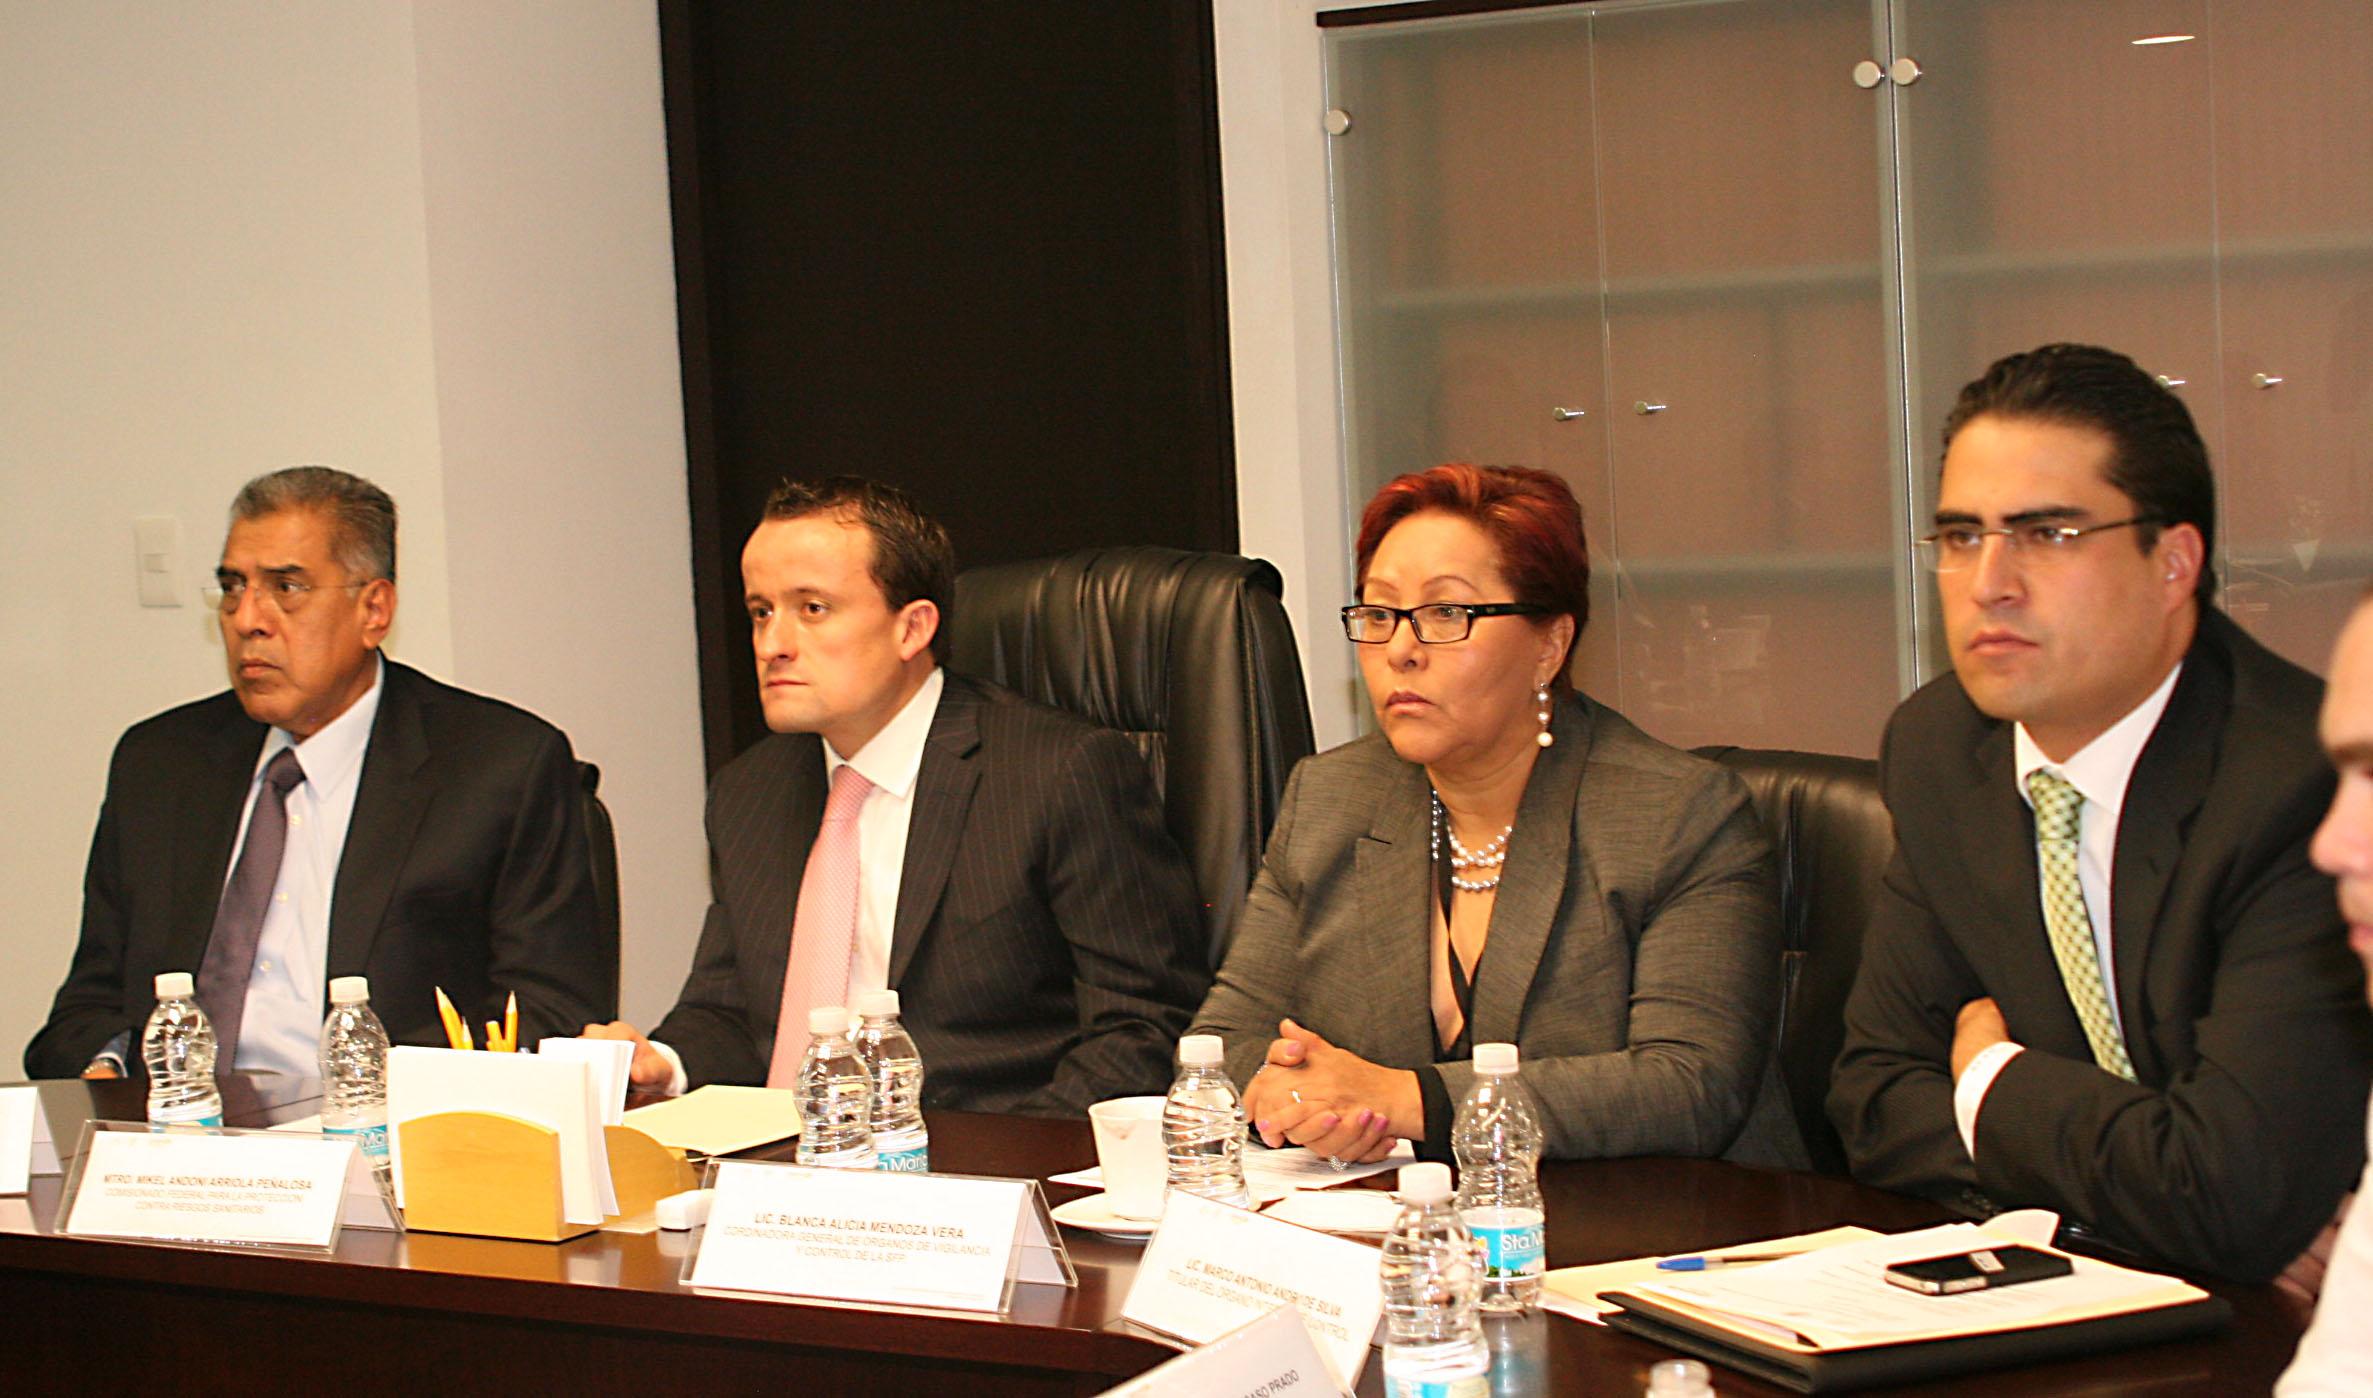 Refuerzan las medidas de transparencia en la COFEPRIS conforme al Plan Nacional de Desarrollo 2013-2018